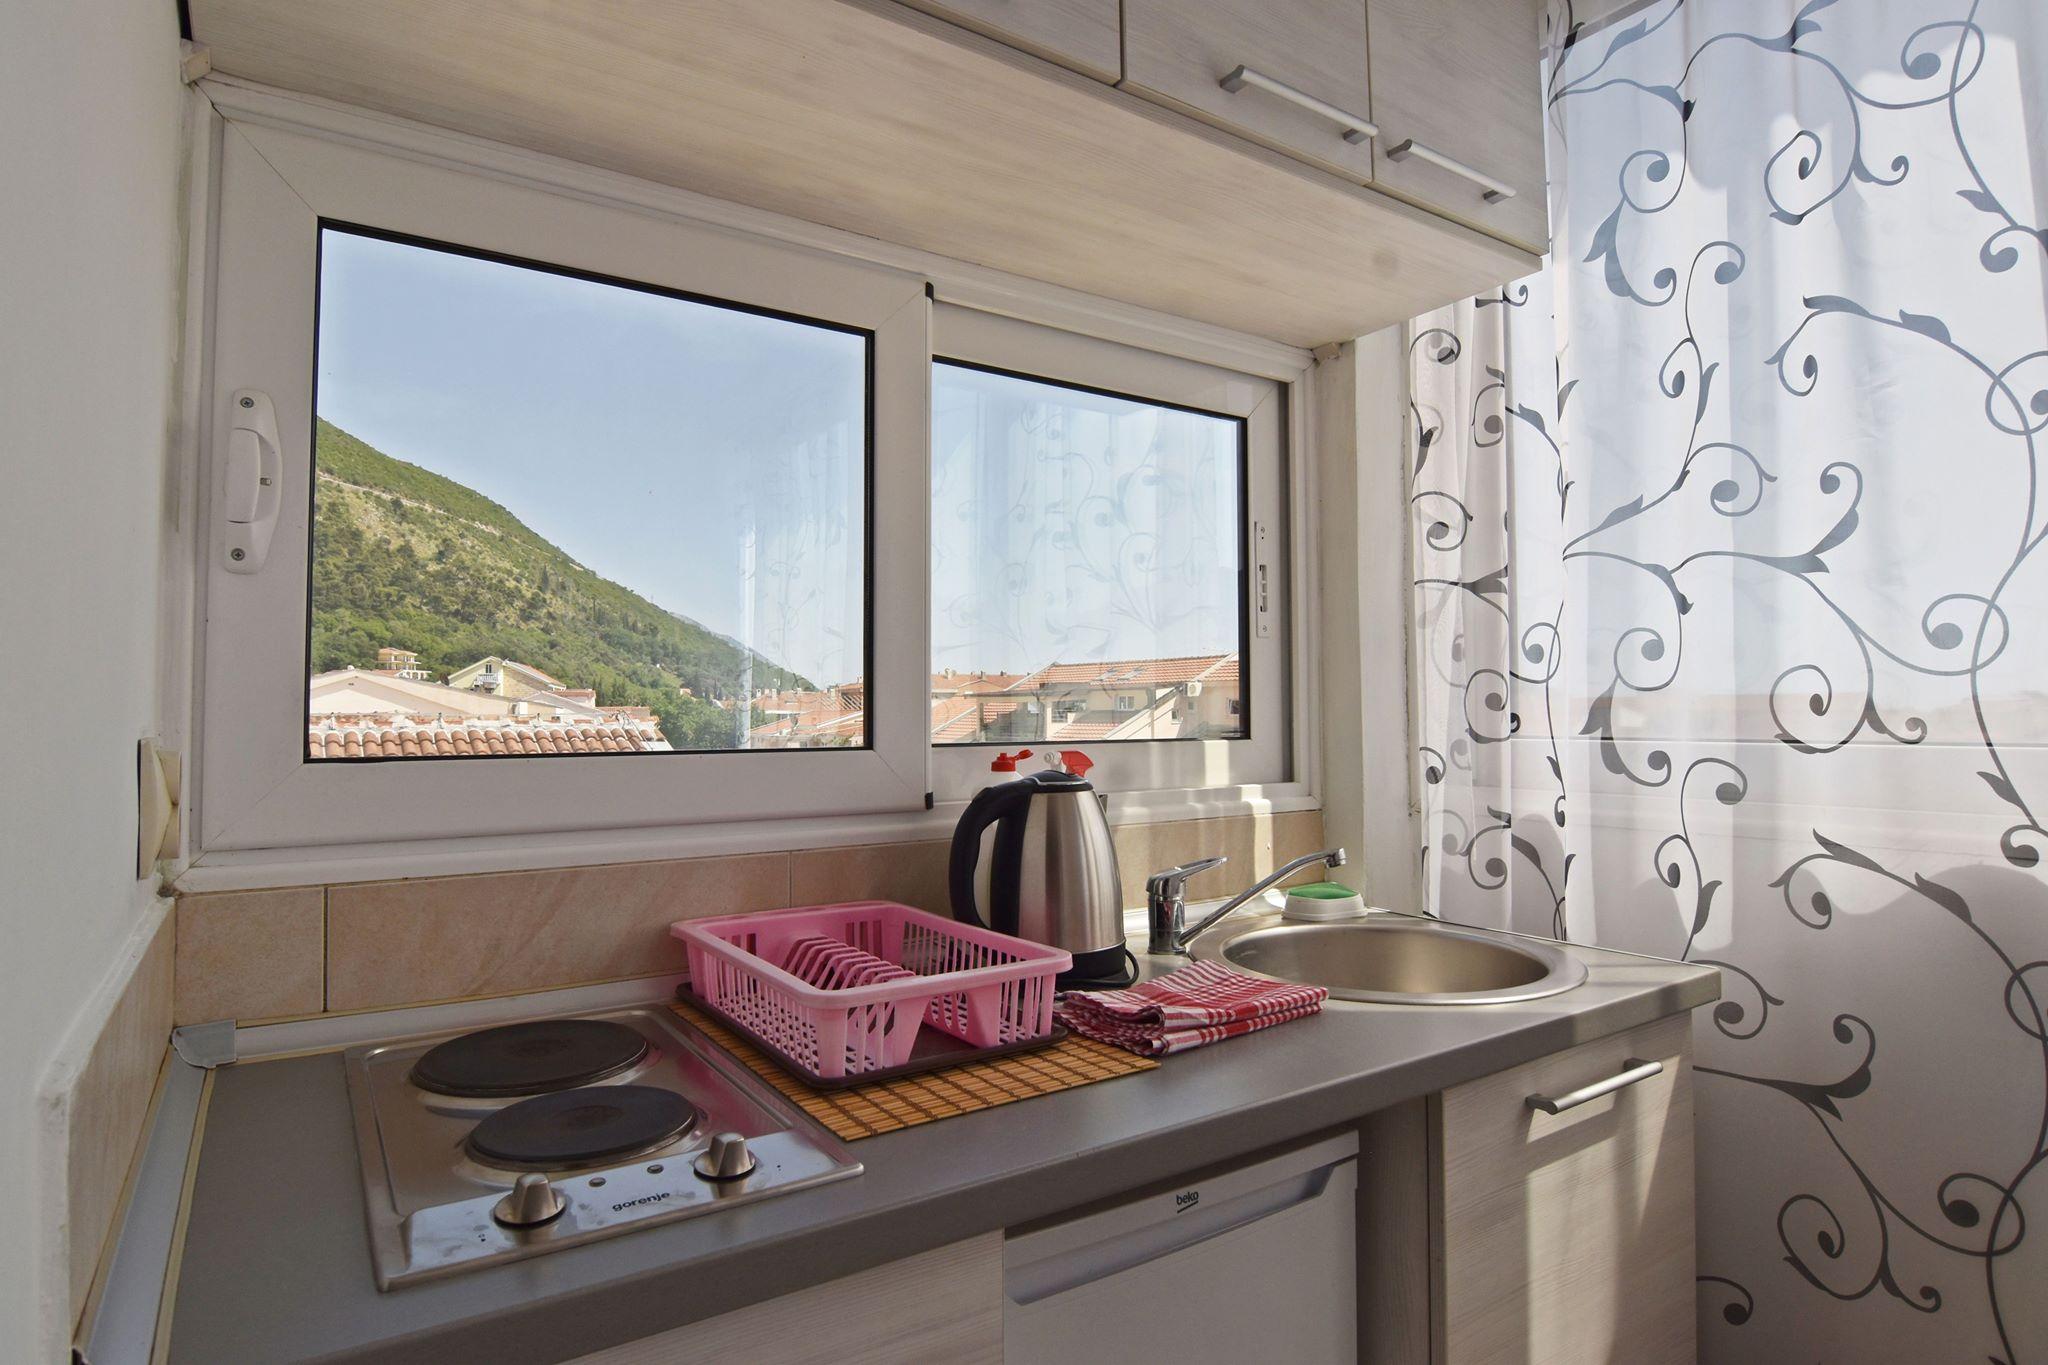 amforaproperty.com/Manji jednosoban stan kod restorana Kužina, Budva